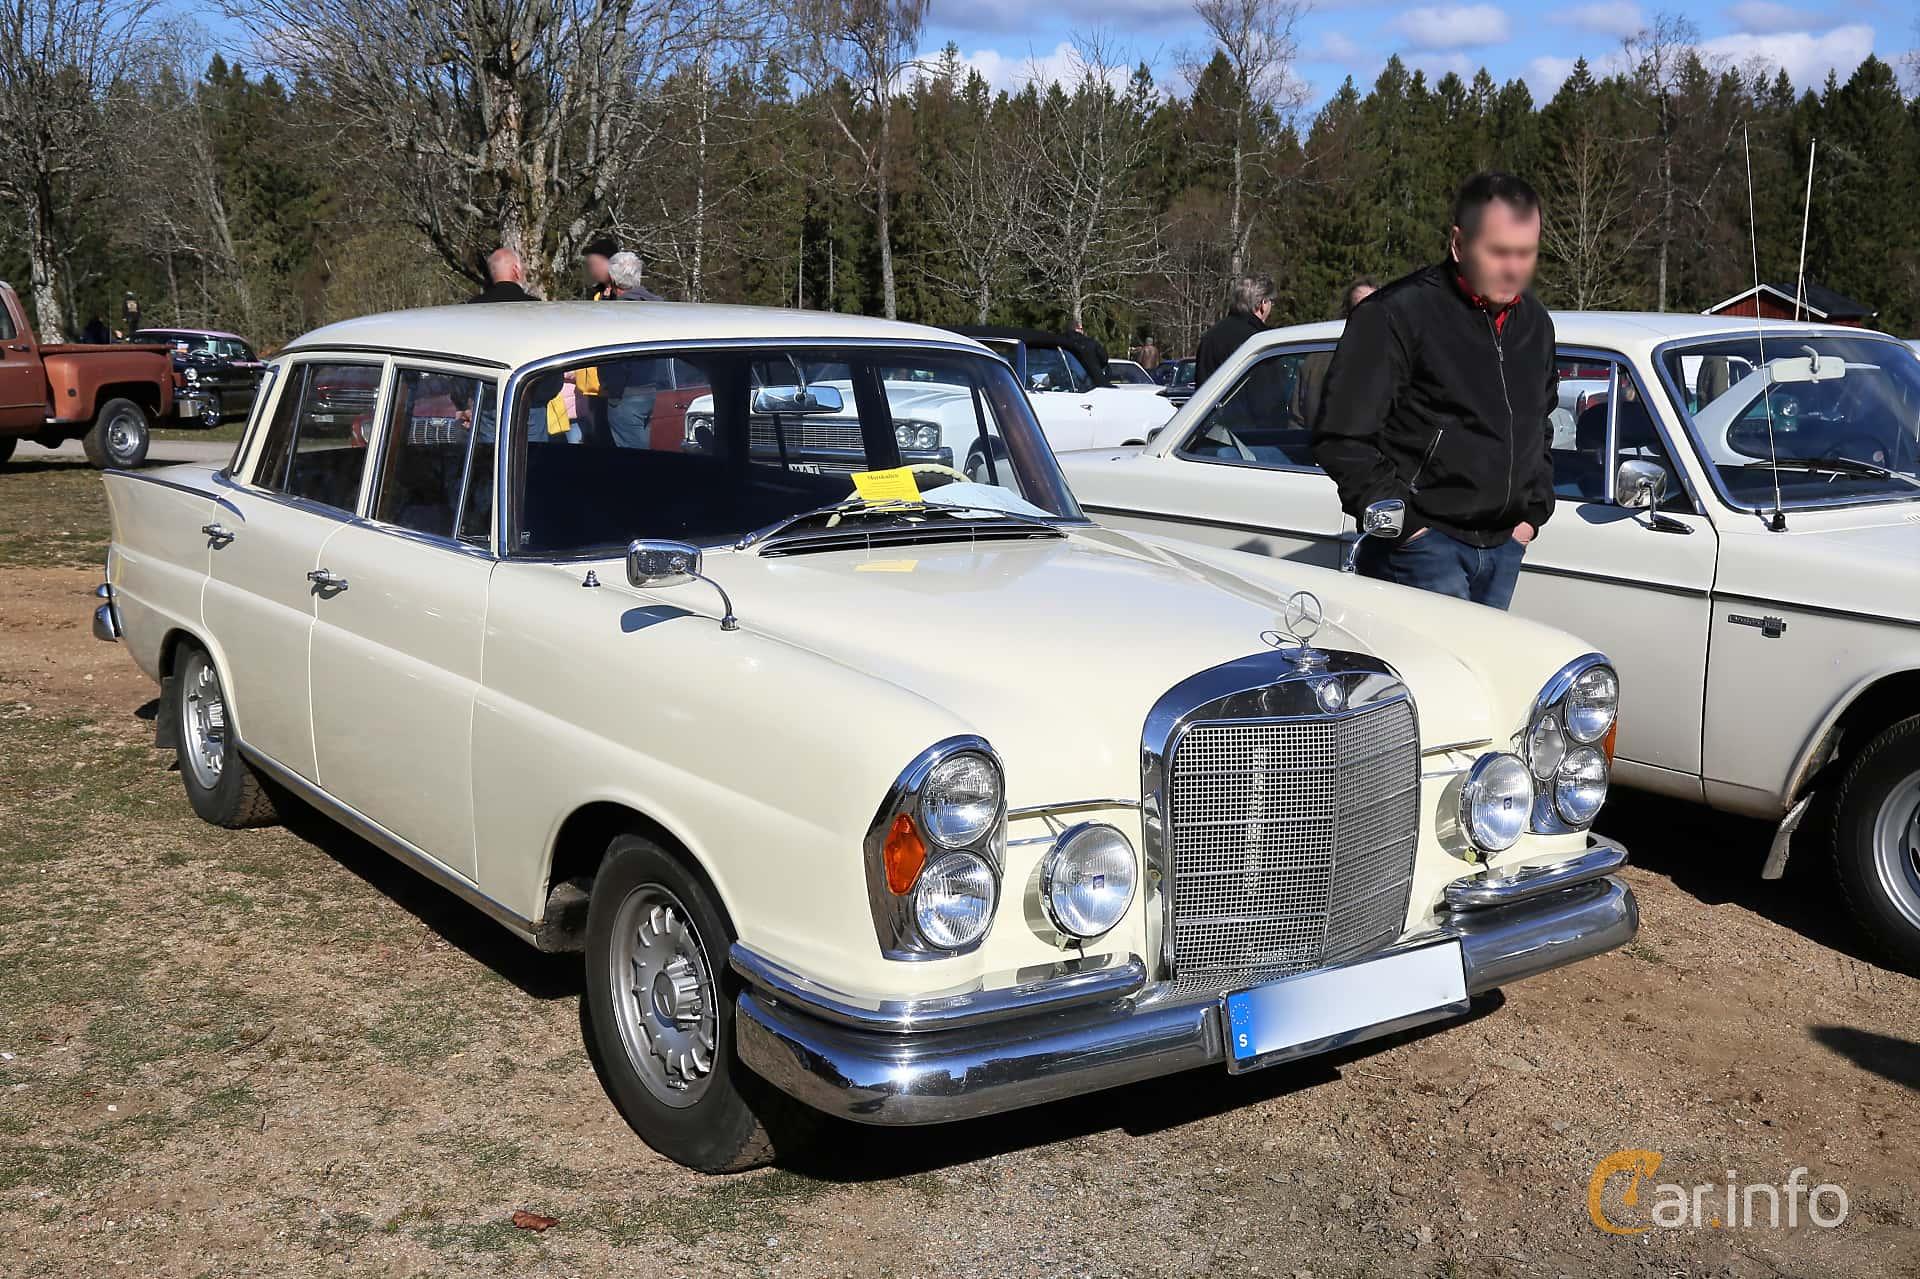 Mercedes-Benz 220 SE Sedan  Manual, 120hp, 1964 at Uddevalla Veteranbilsmarknad Backamo, Ljungsk 2019